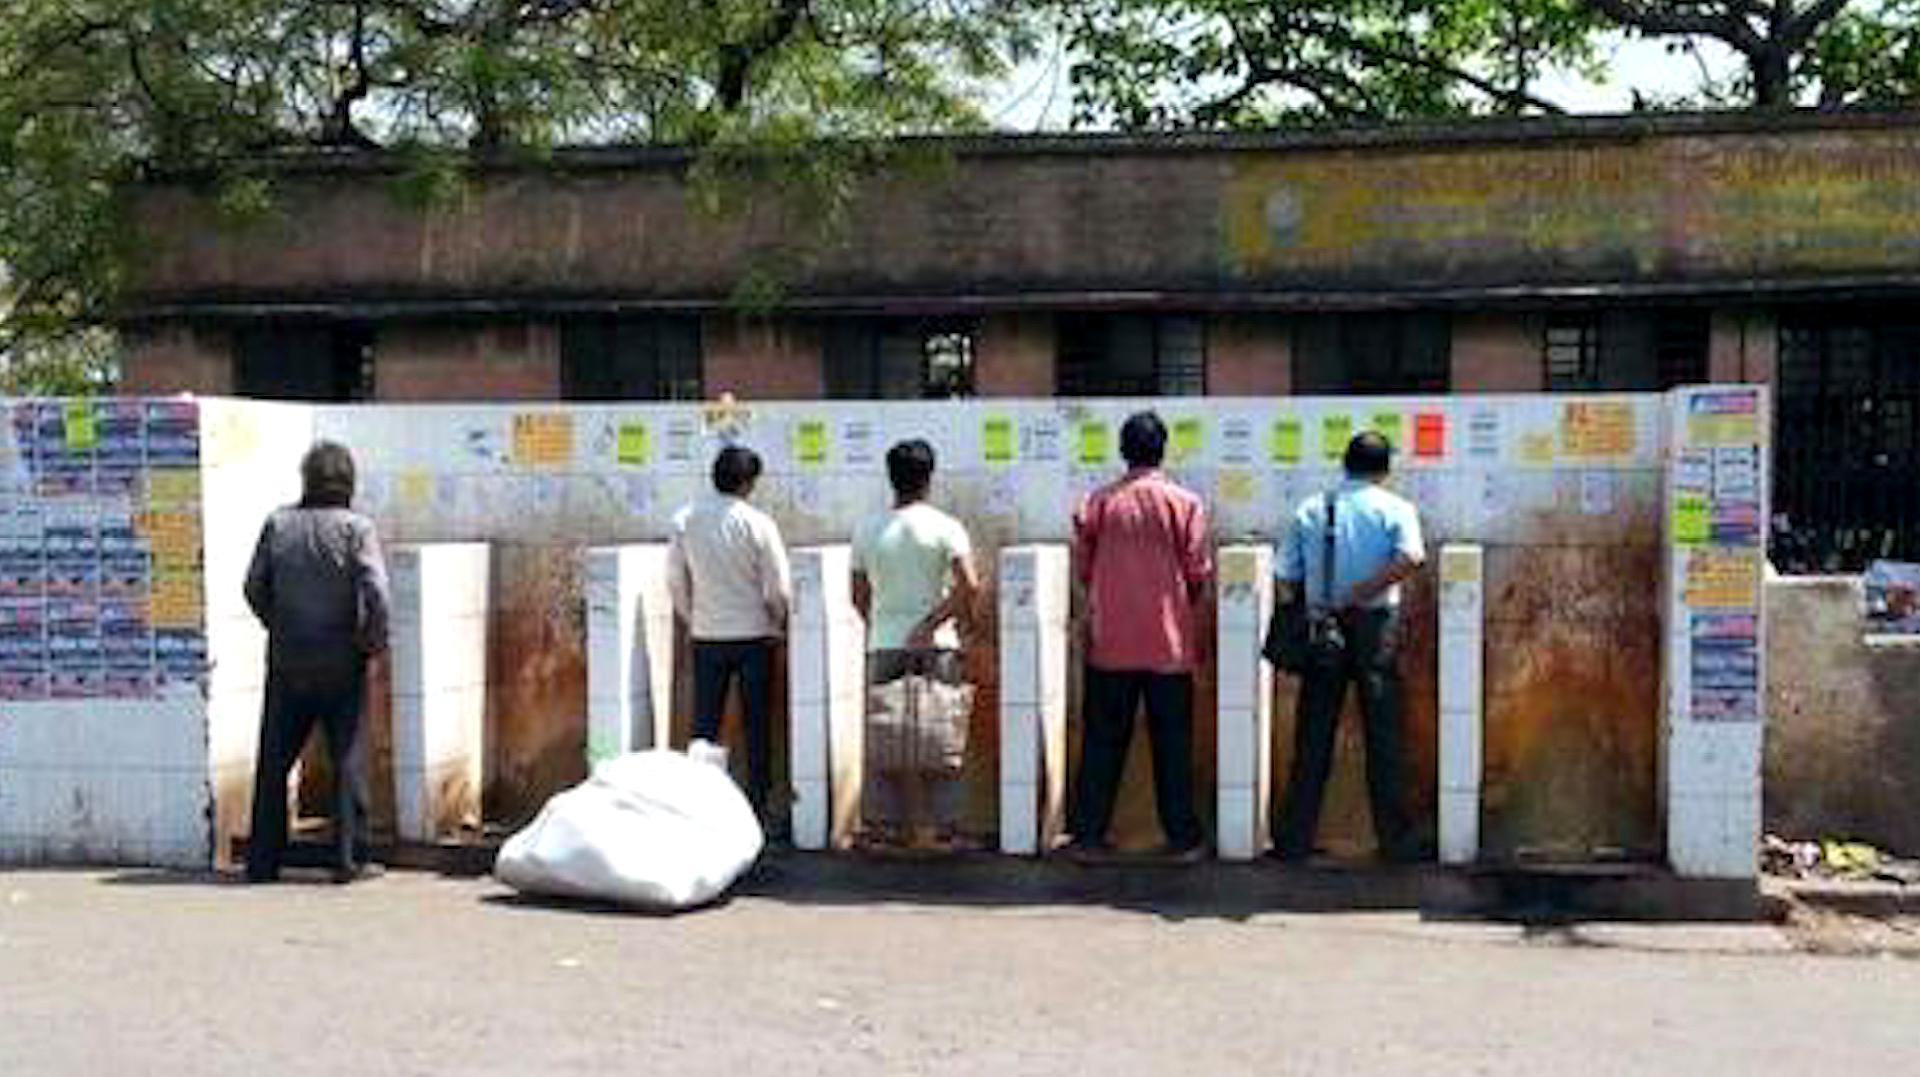 印度全是露天厕所,那你知道印度女性怎么上厕所吗?真相很无奈!